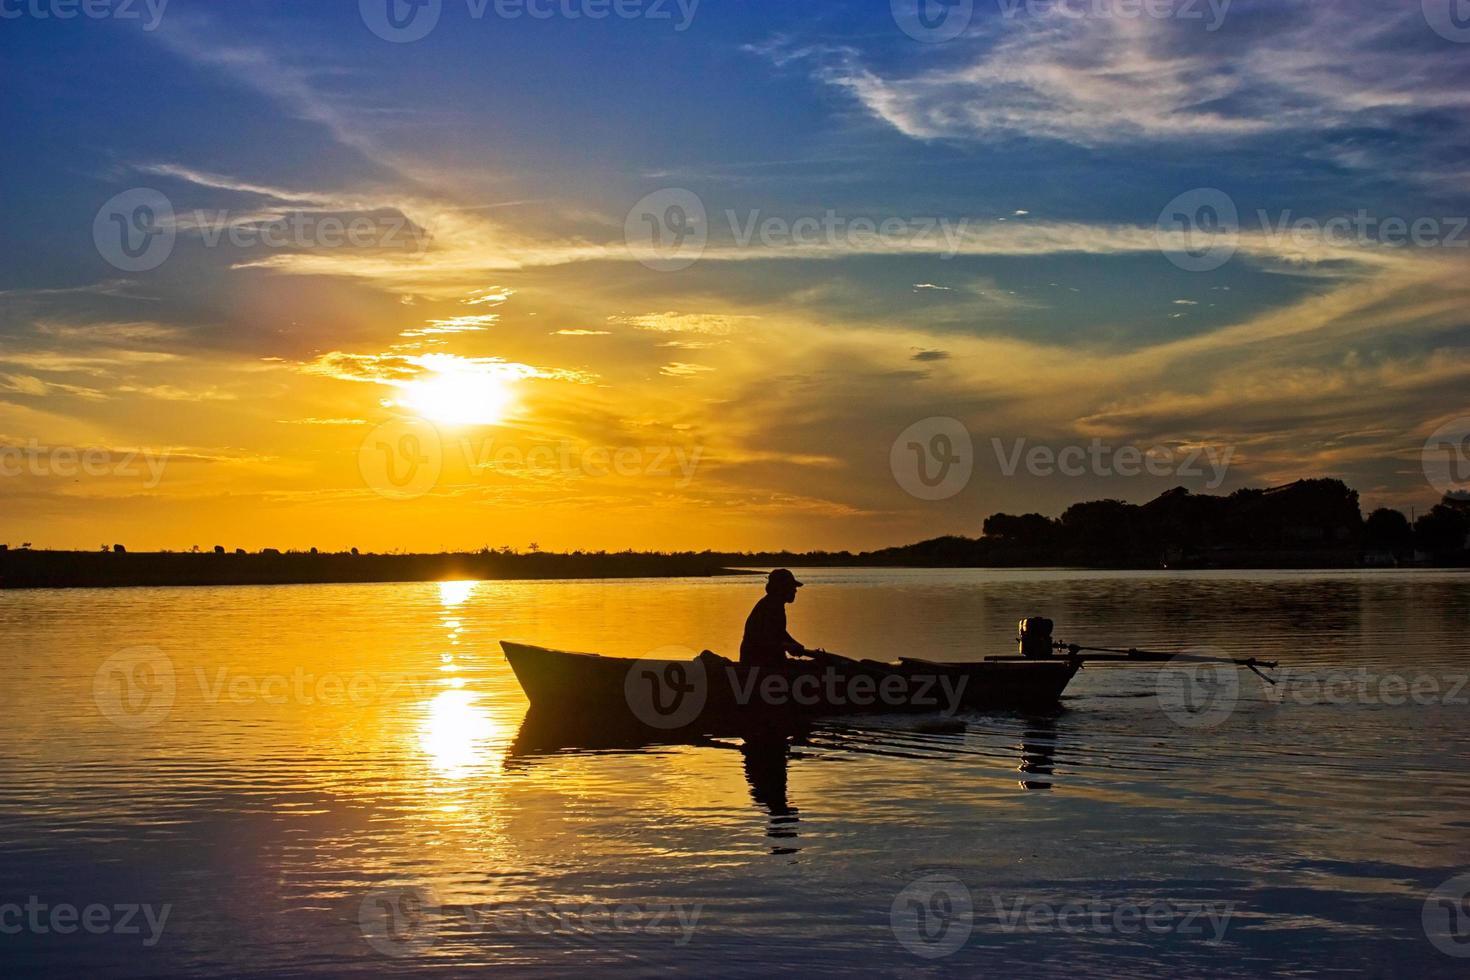 mot solnedgången foto